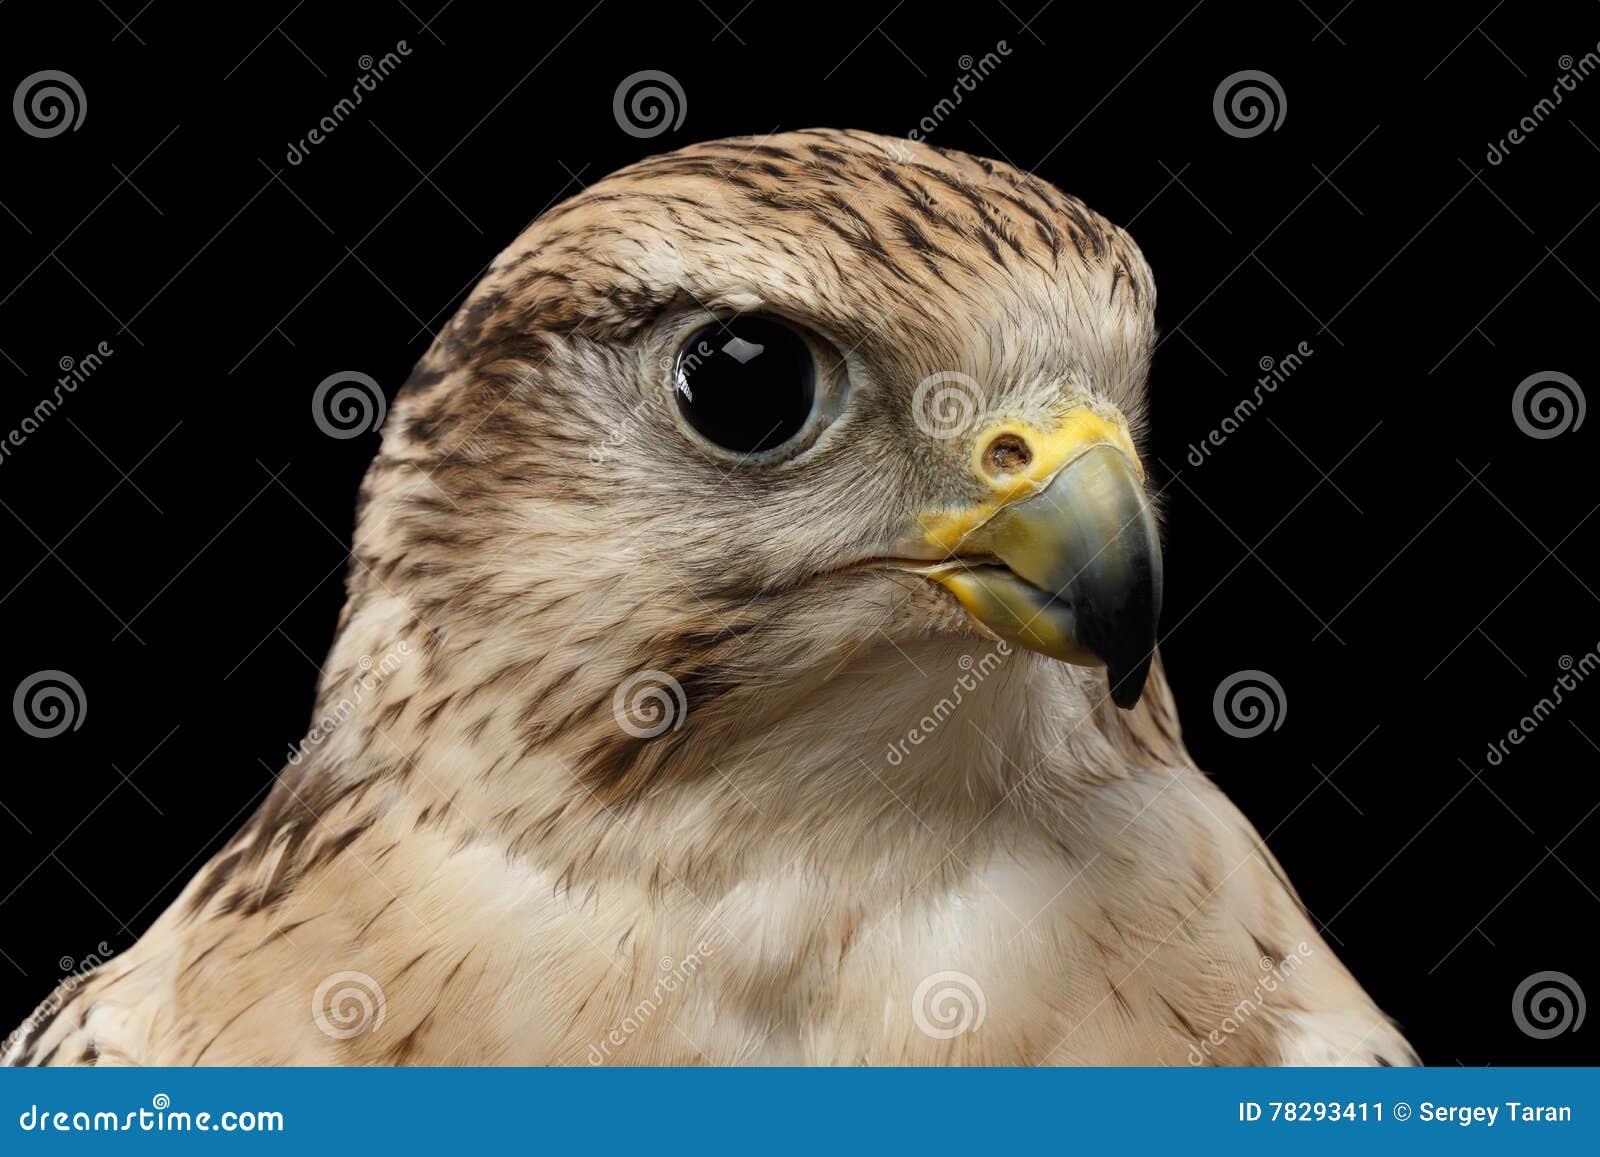 Close-up Saker Falcon, Falco cherrug, isolated on Black background